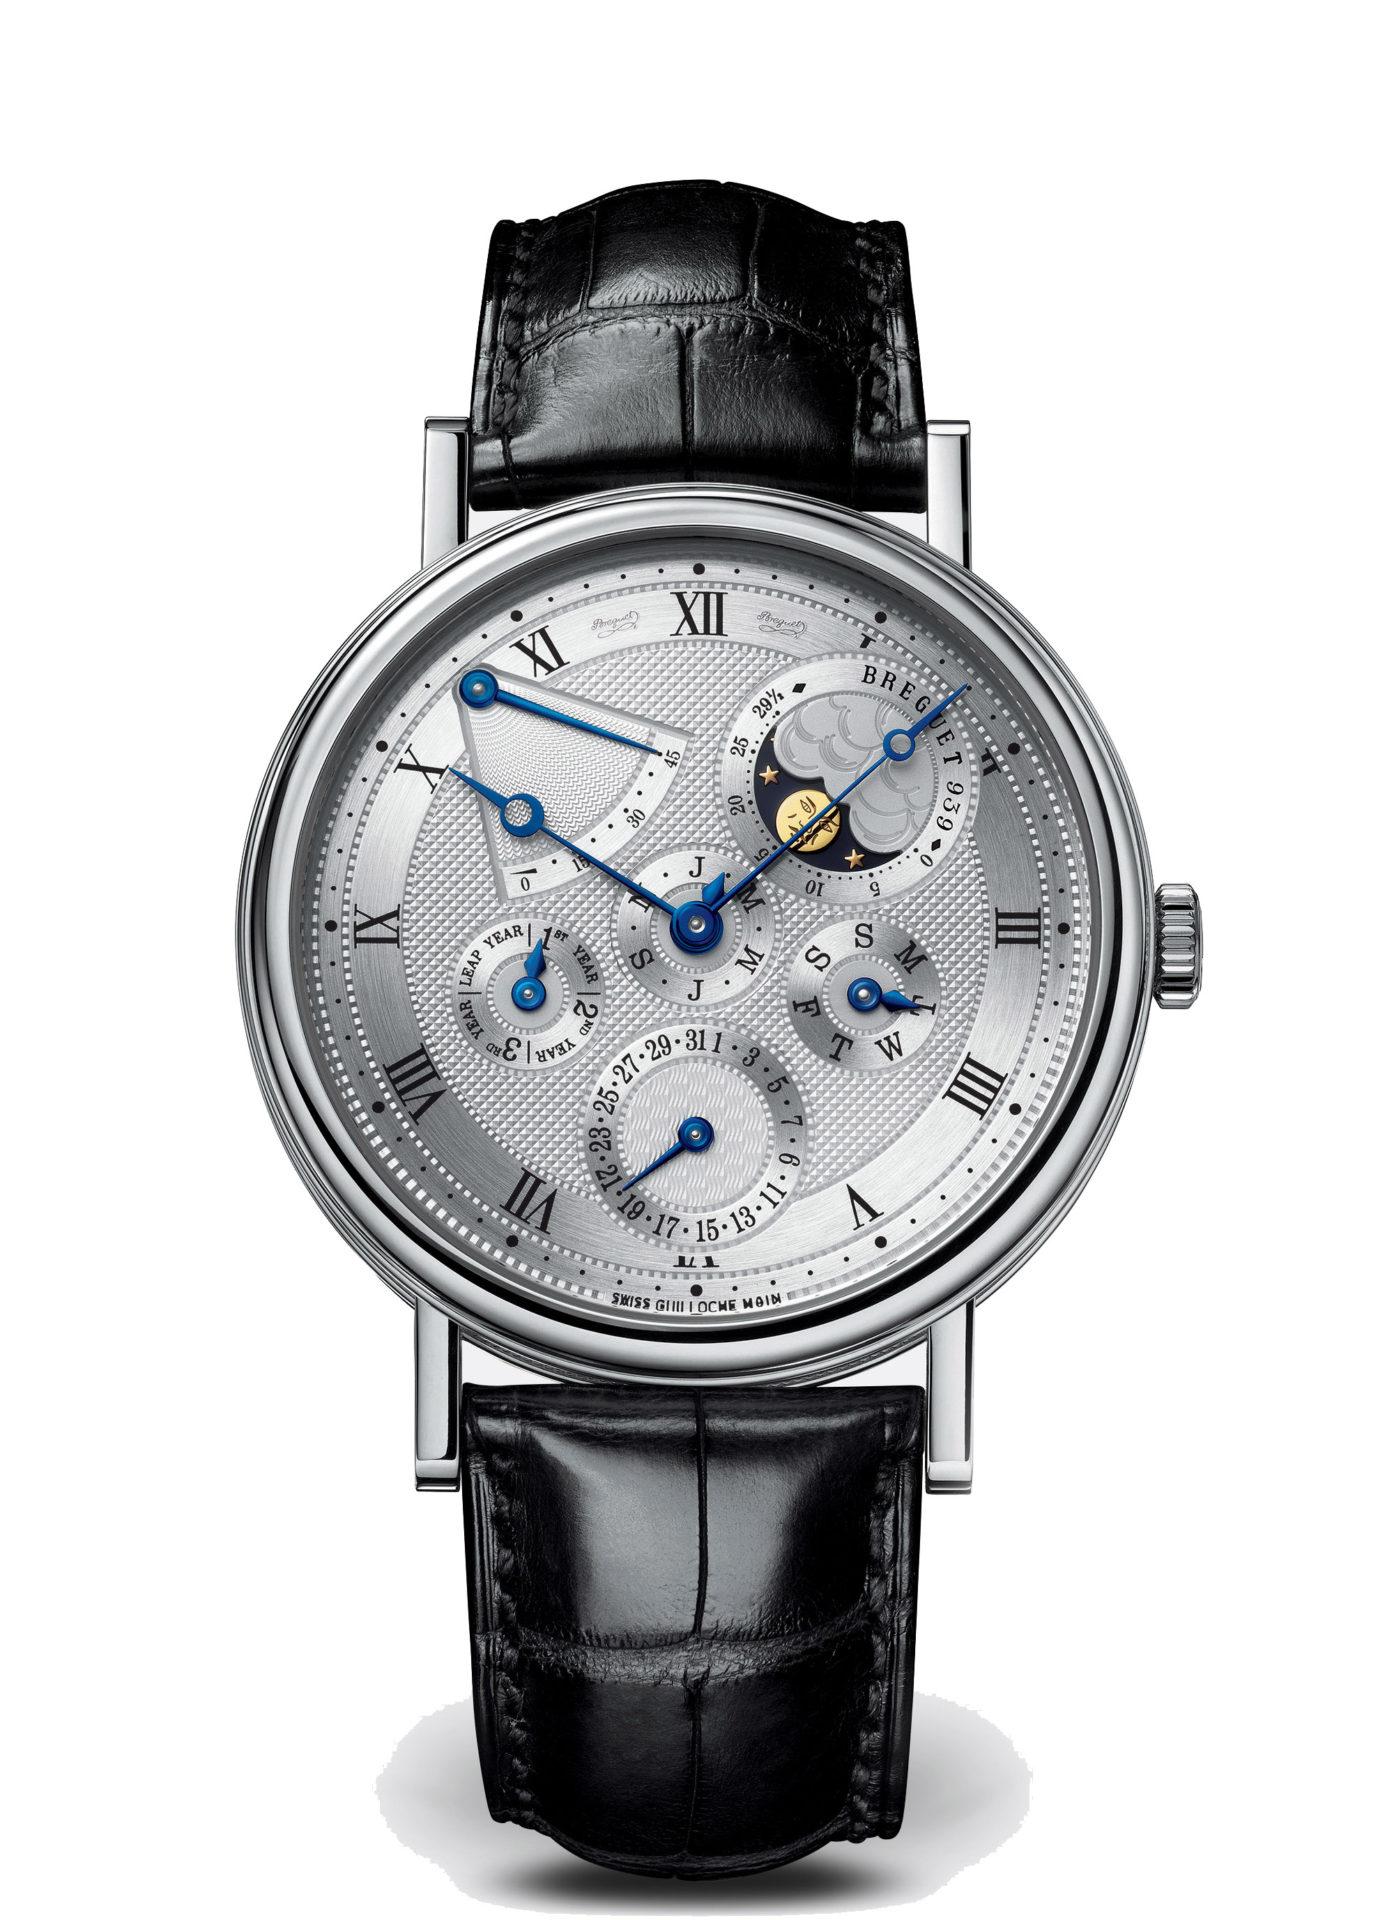 Breguet-Classique-5327-Hall-of-Time-5327bb-1e-9v6-0 copie